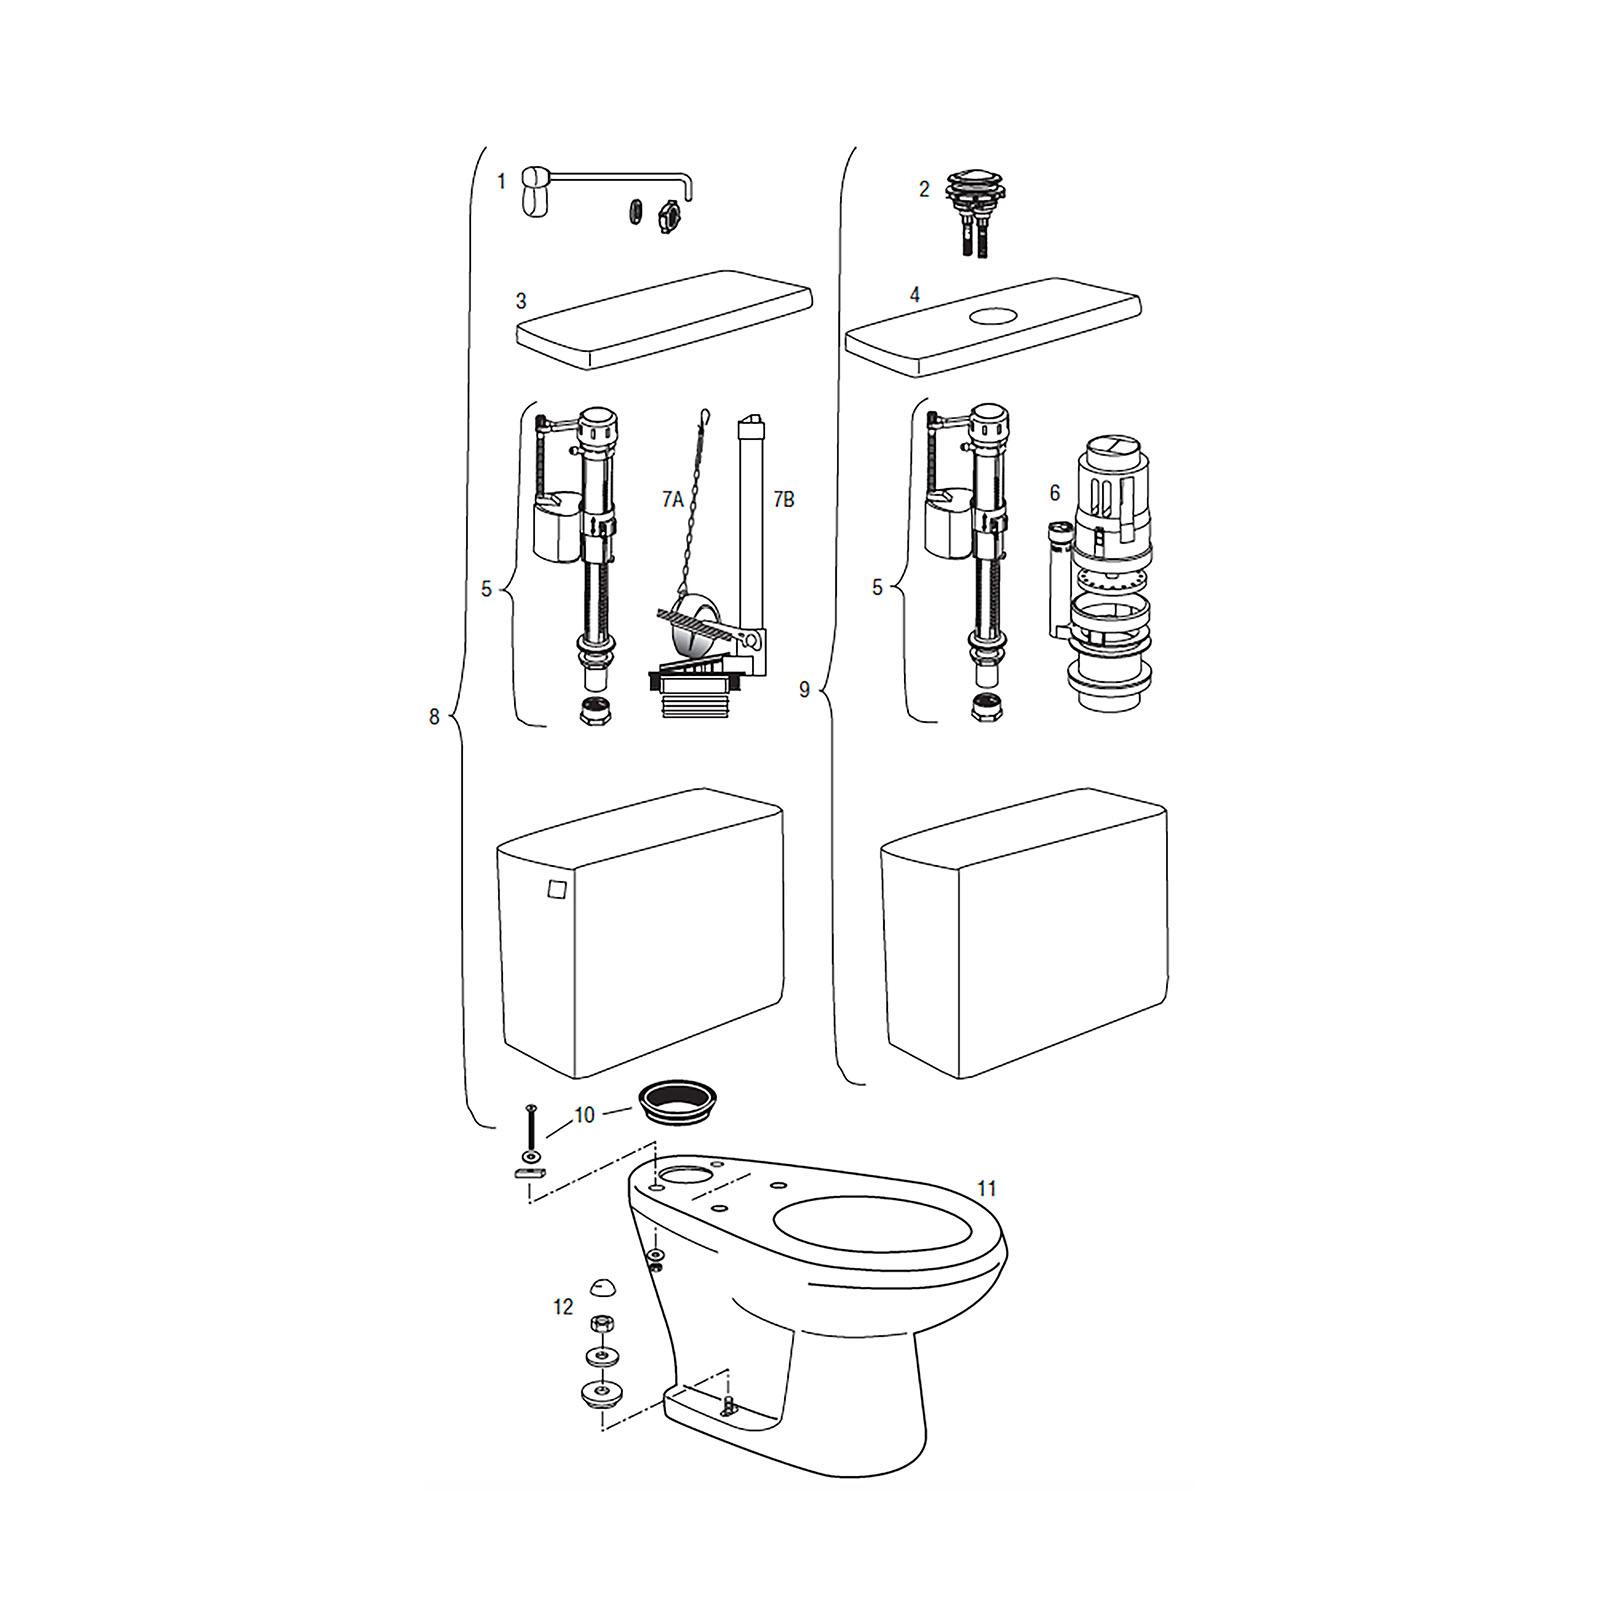 Xlerator Hand Dryer Wiring Diagram Manual Of Dayton